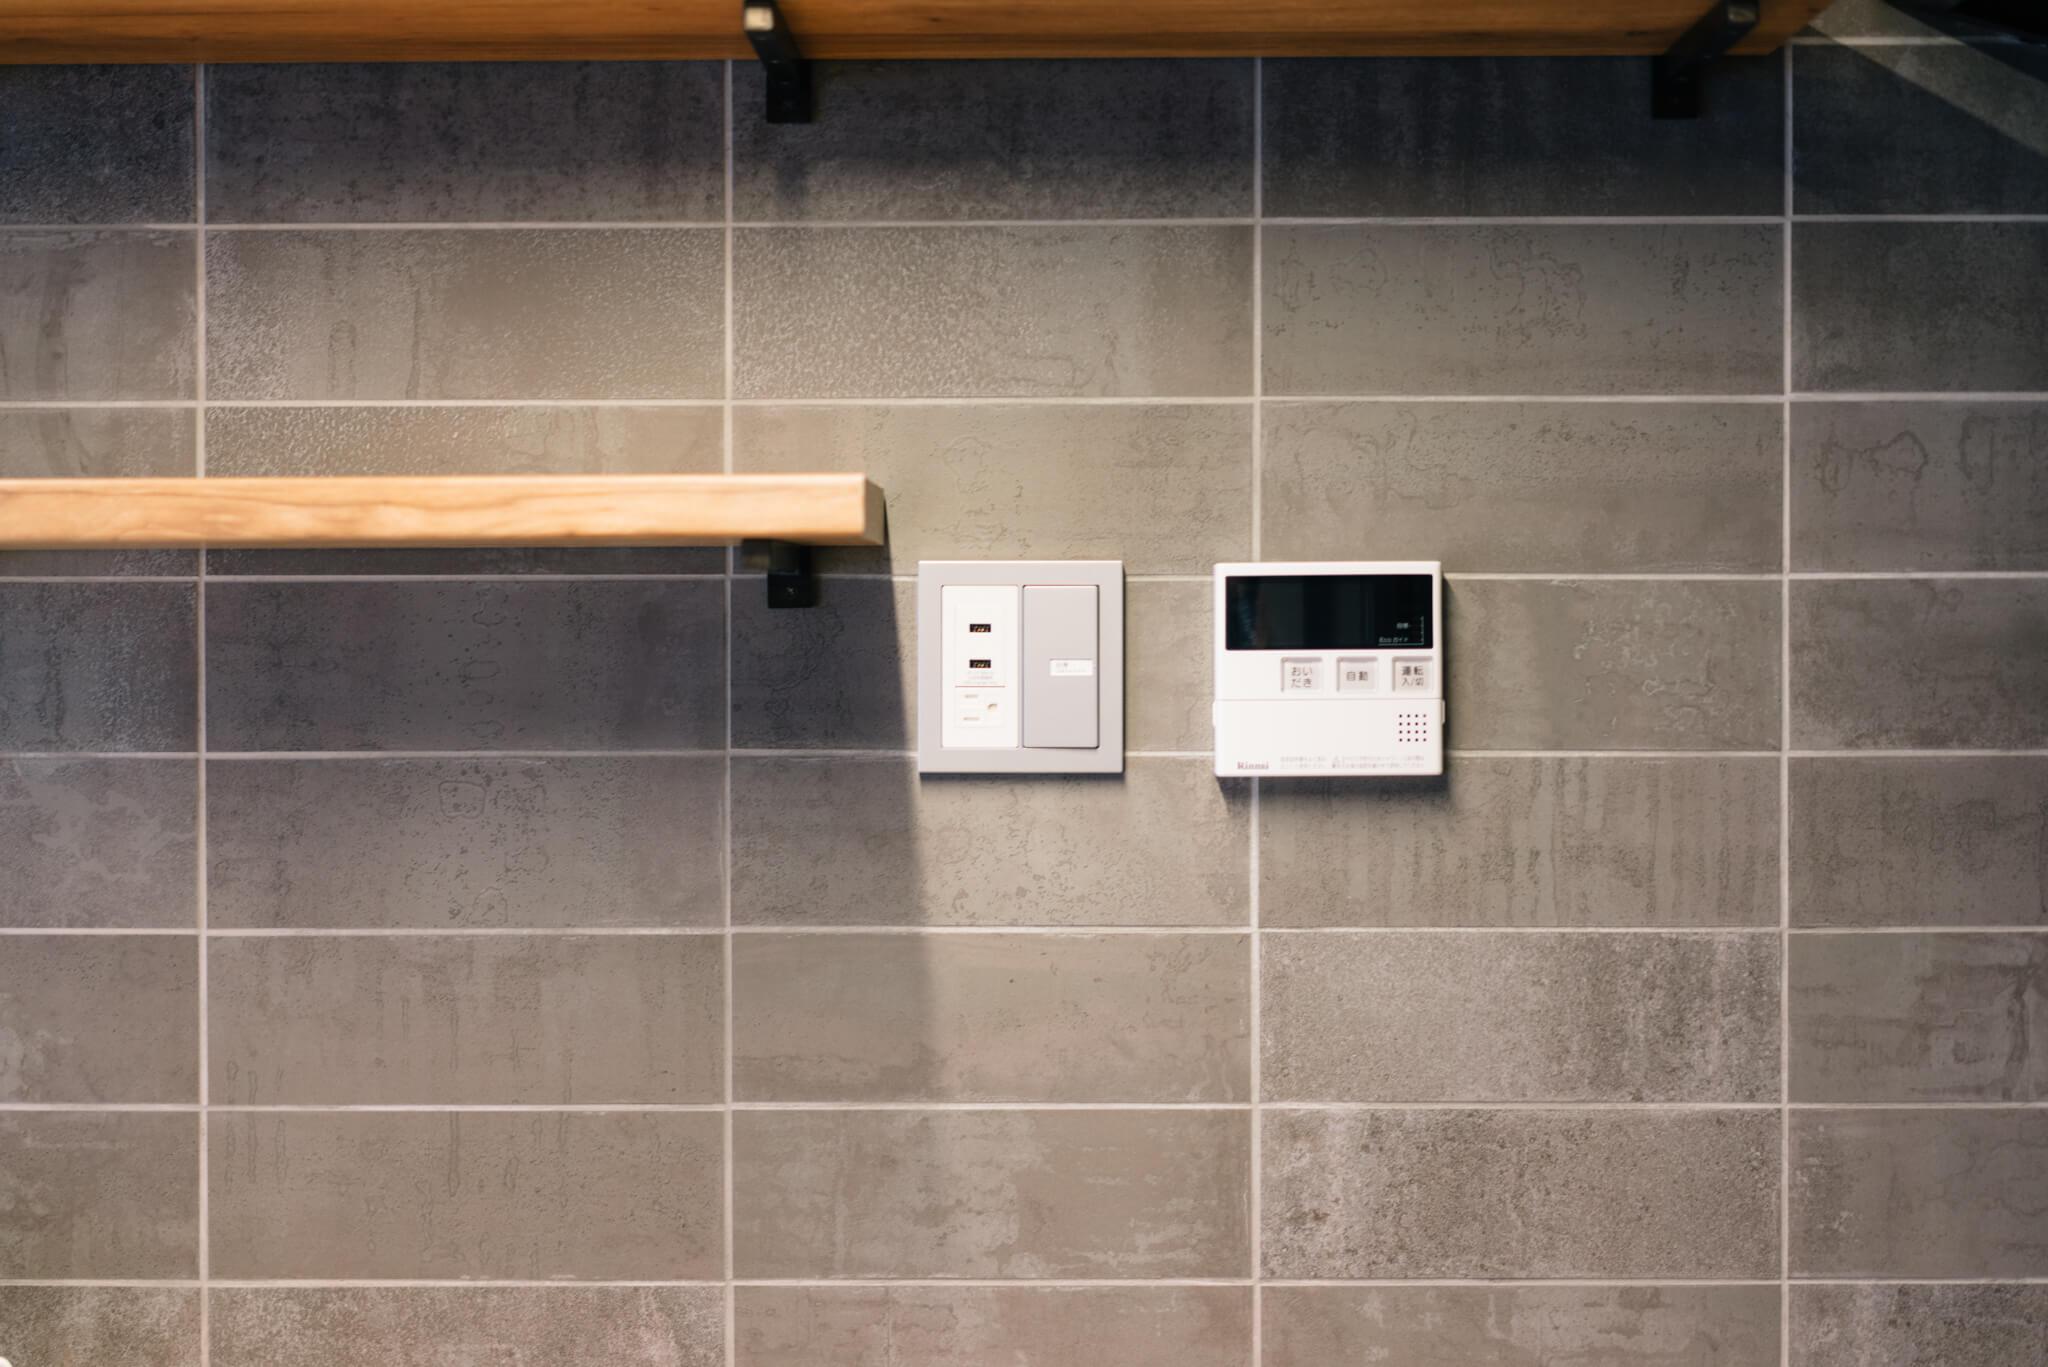 棚板の横には、USB給電もできるコンセントがあり、スマホやタブレットでレシピを見ながらのお料理もできます。